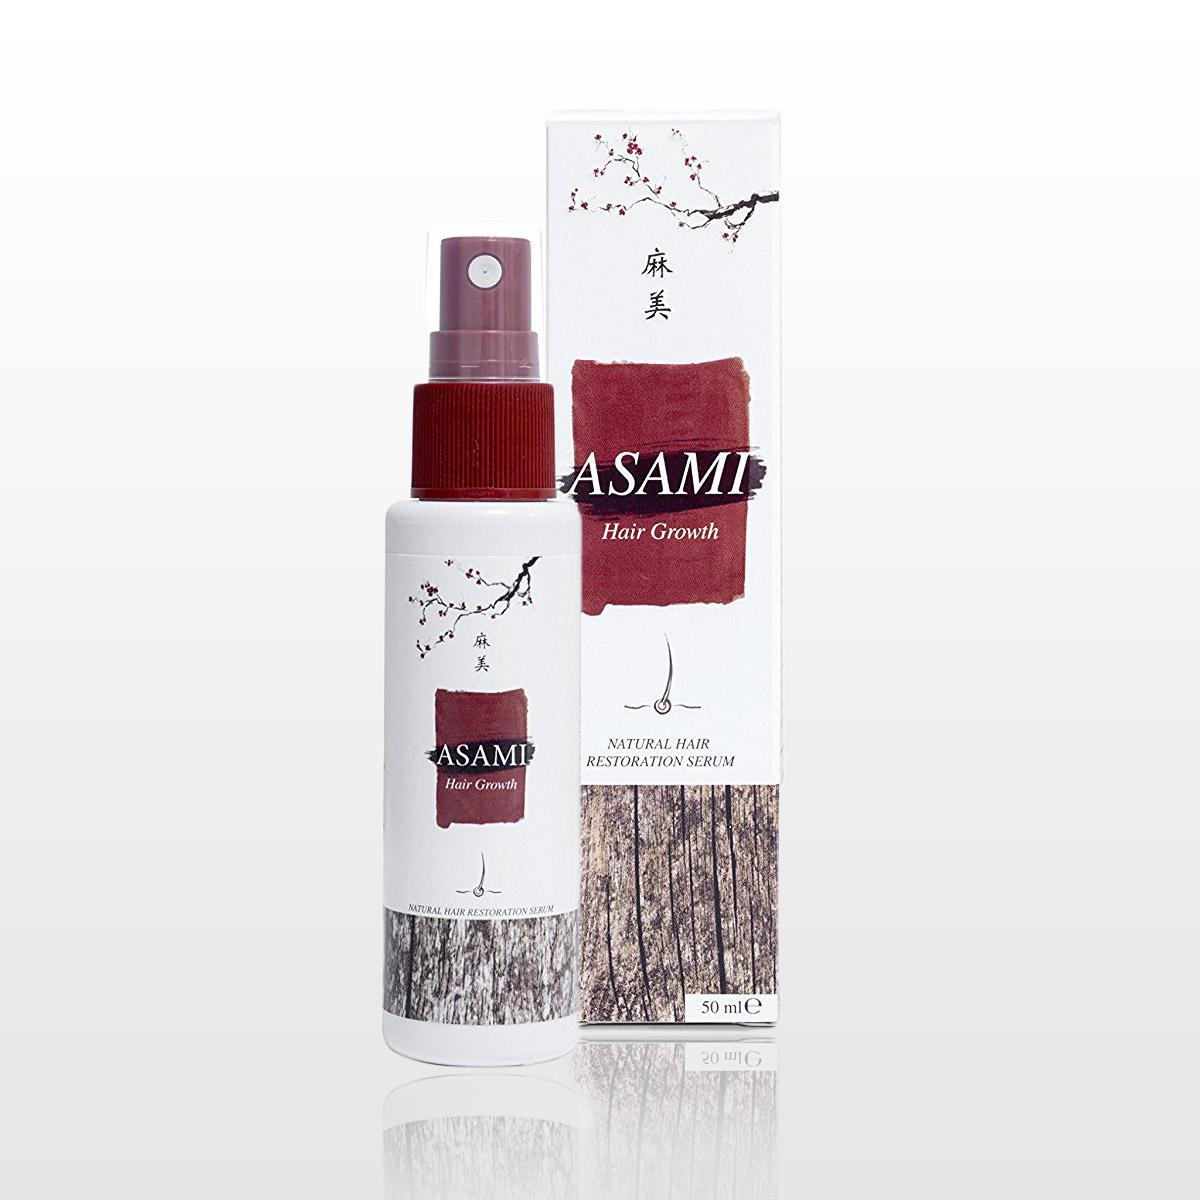 Asami – prípravok proti padaniu vlasov a k podpore ich rastu.